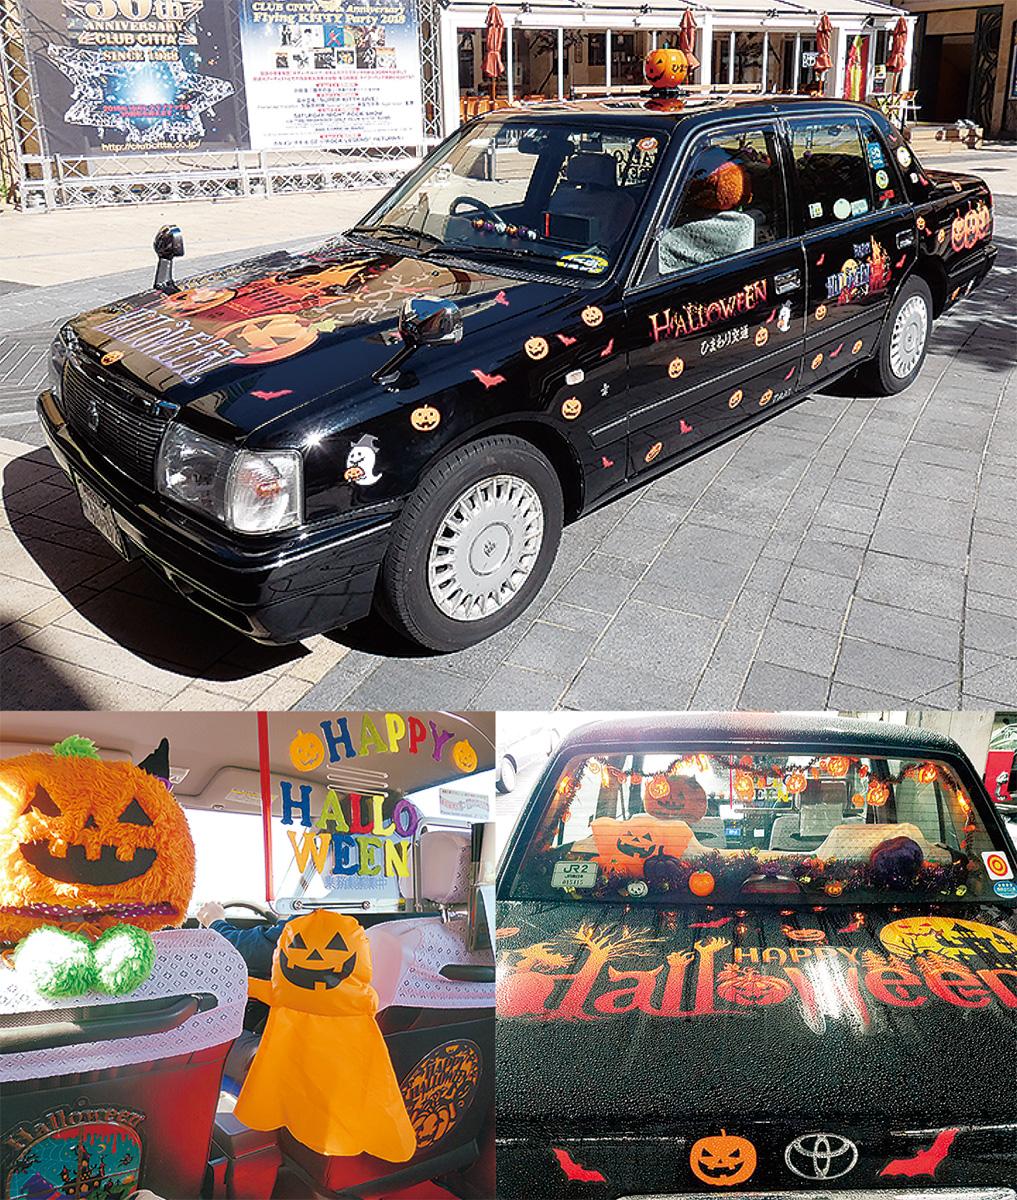 ハロウィーン仕様のタクシー(上)と車内装飾(左)。夜間はライトアップする